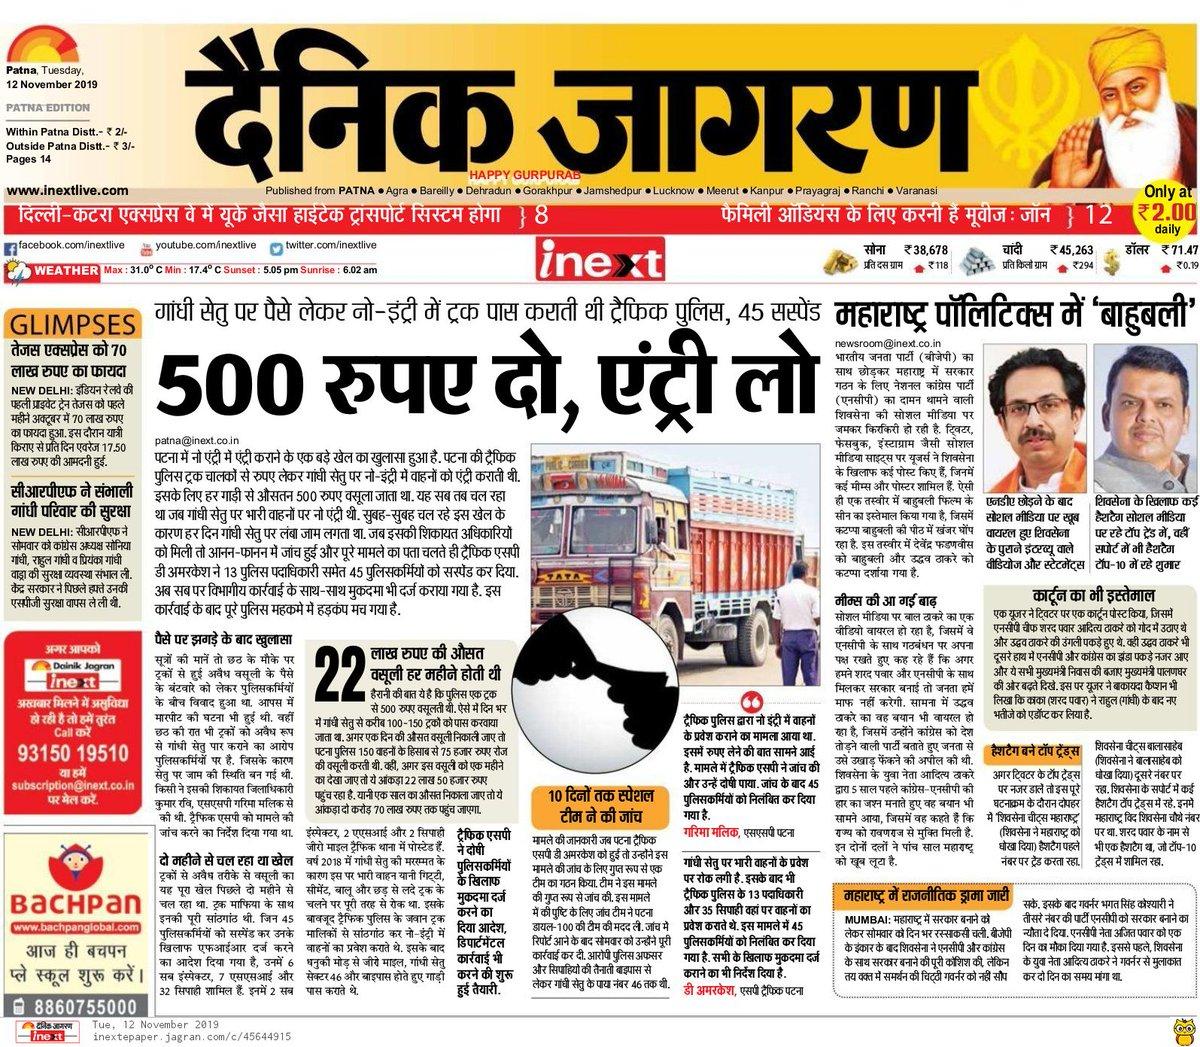 आज की मेरी रिपोर्ट :  #वसूली करती है #पटना की #ट्रैफिक #पुलिस. #गांधी #सेतु पर #नो #एंट्री में #गाड़ी पास कराने का खेल. 13 #एसआई सहित 45 #पुलिसकर्मी #निलंबित...